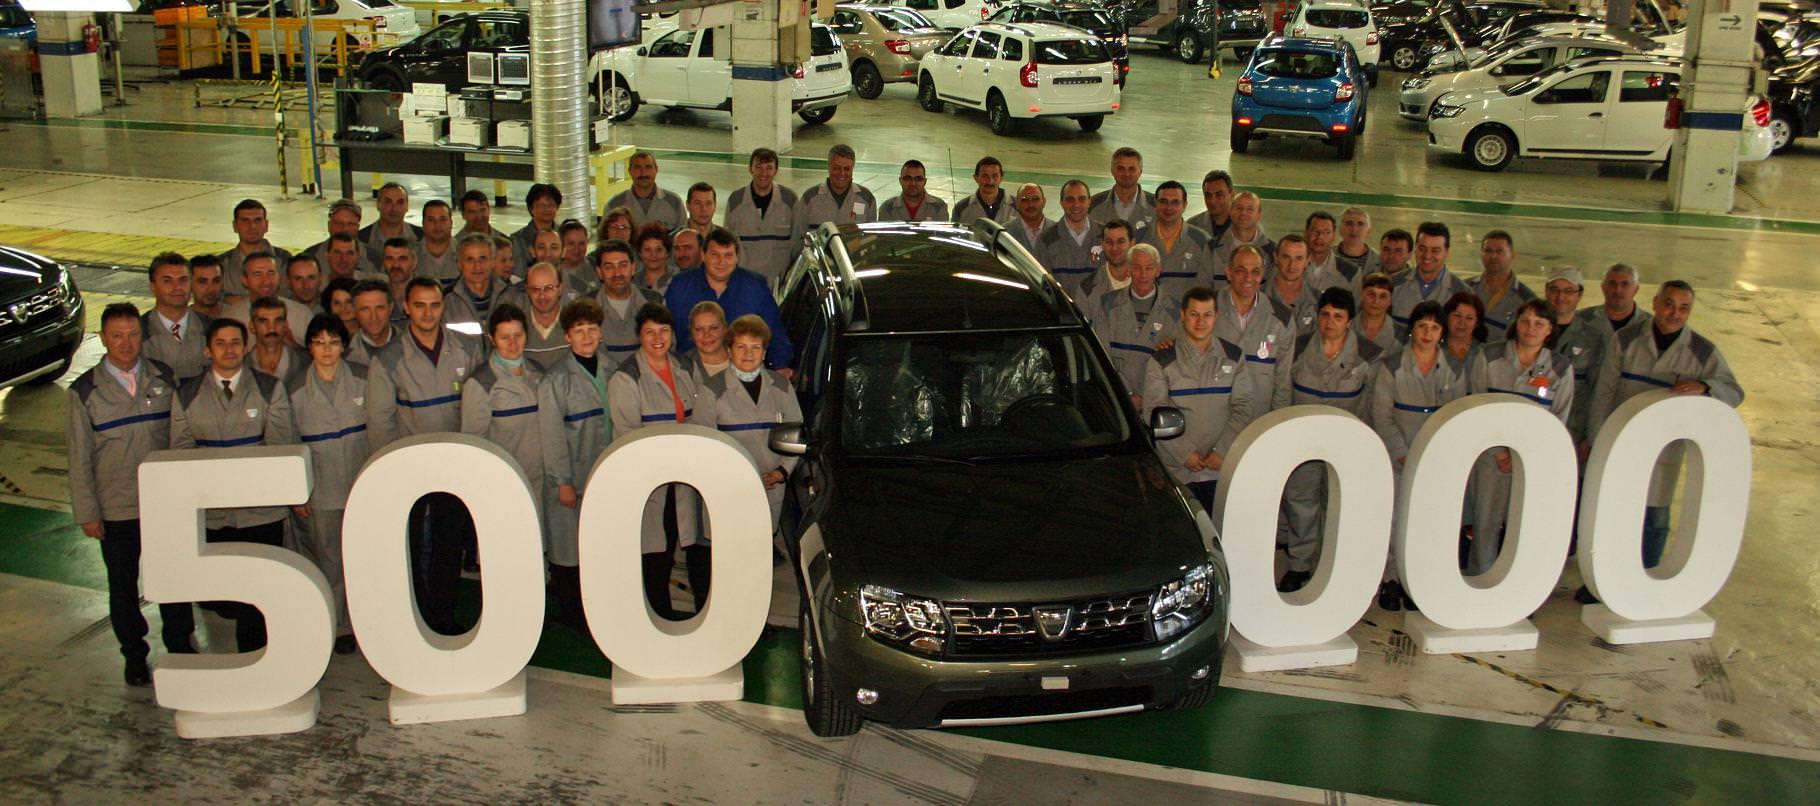 Dacia Duster cu numărul 500.000 ajunge in Franta